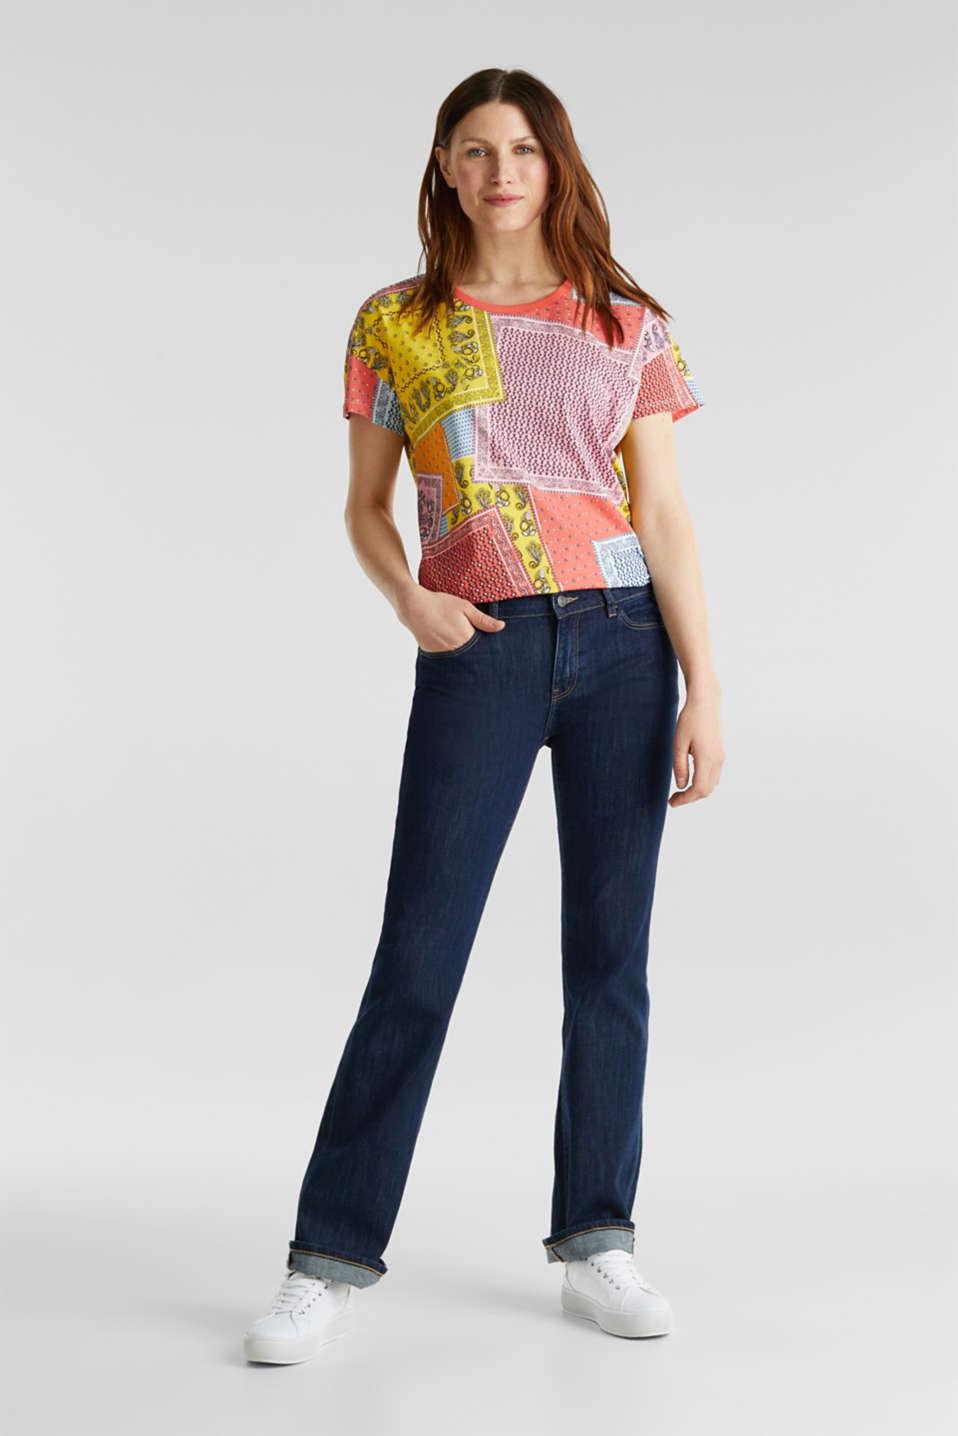 Bandana print top, organic cotton, PINK, detail image number 0